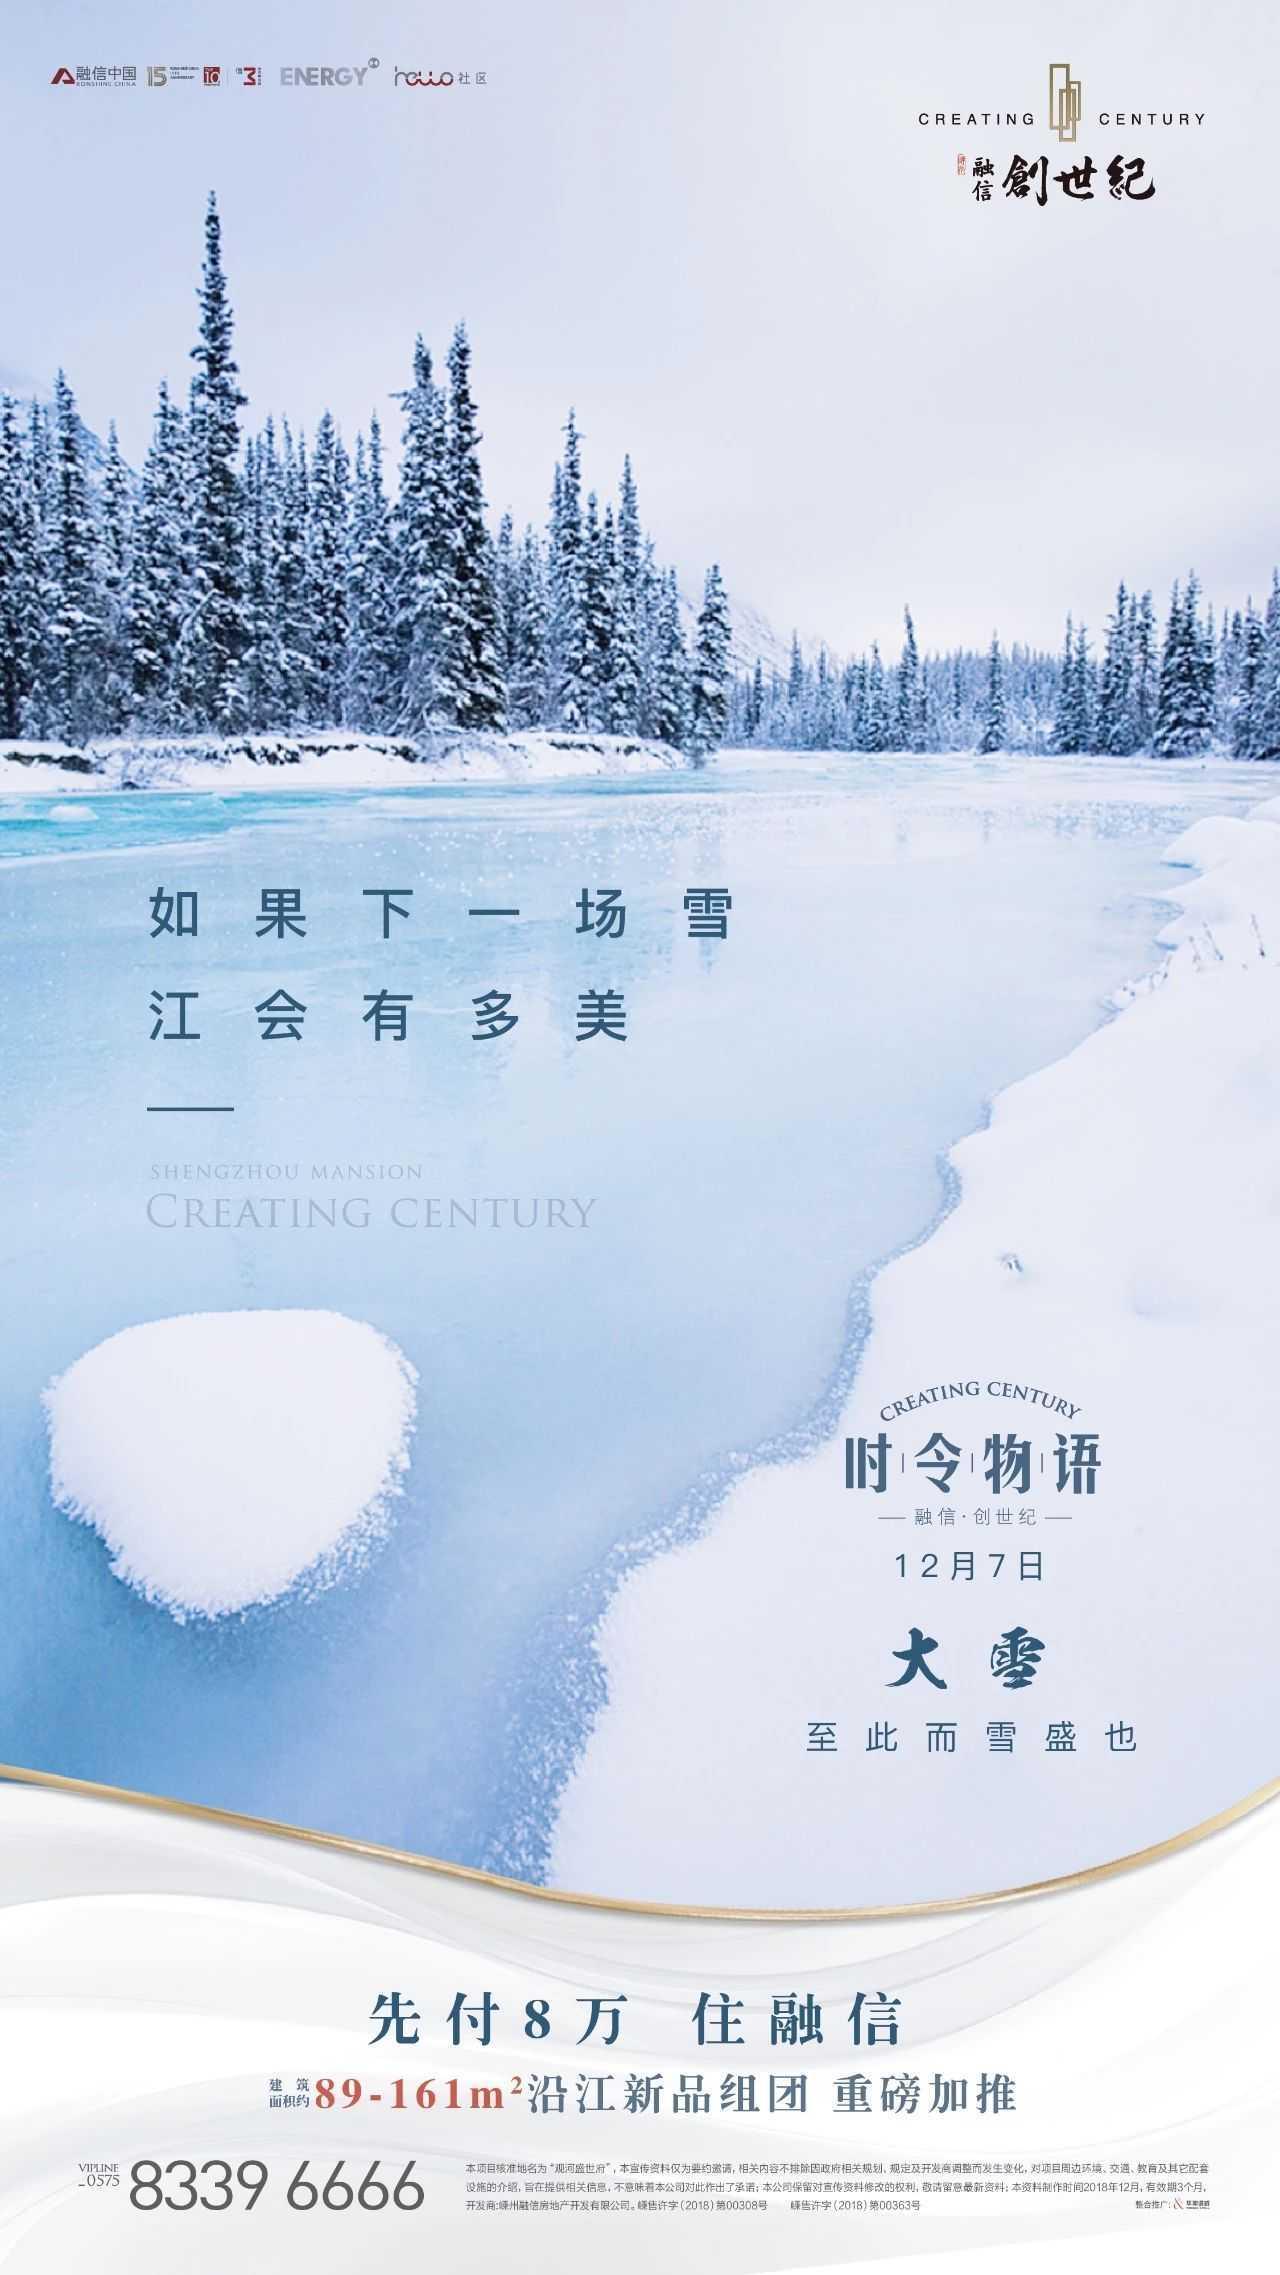 【嵊州融信创世纪】12月7日 大雪 至此而雪盛也 先付8万 住融信